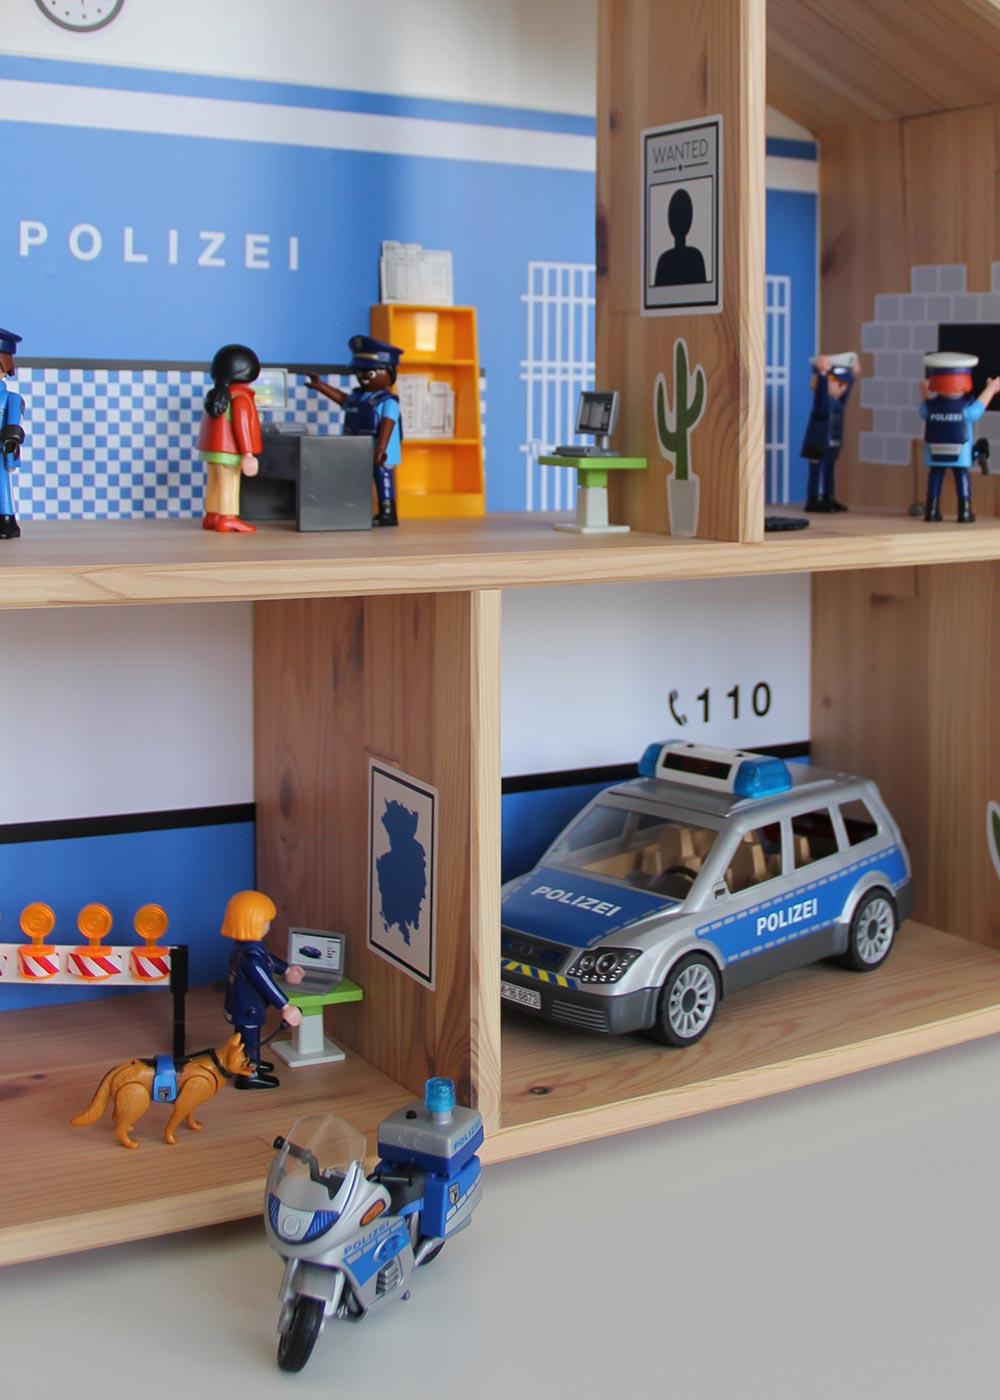 Ikea Flisat Puppenhaus Tapete Polizei Teilansicht Fahrzeuge